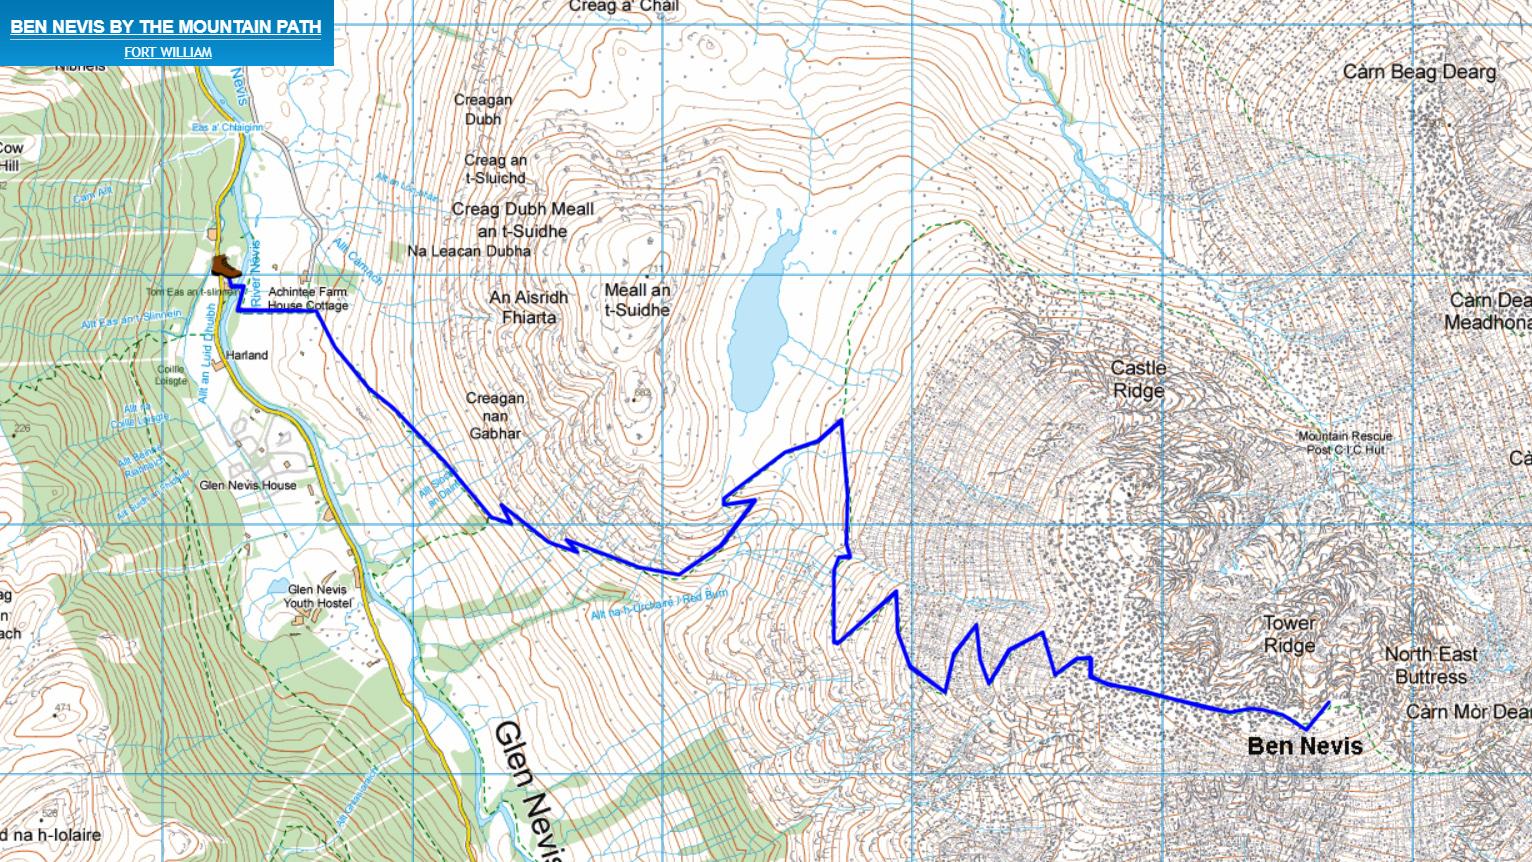 Ben Nevis główna trasa szlak